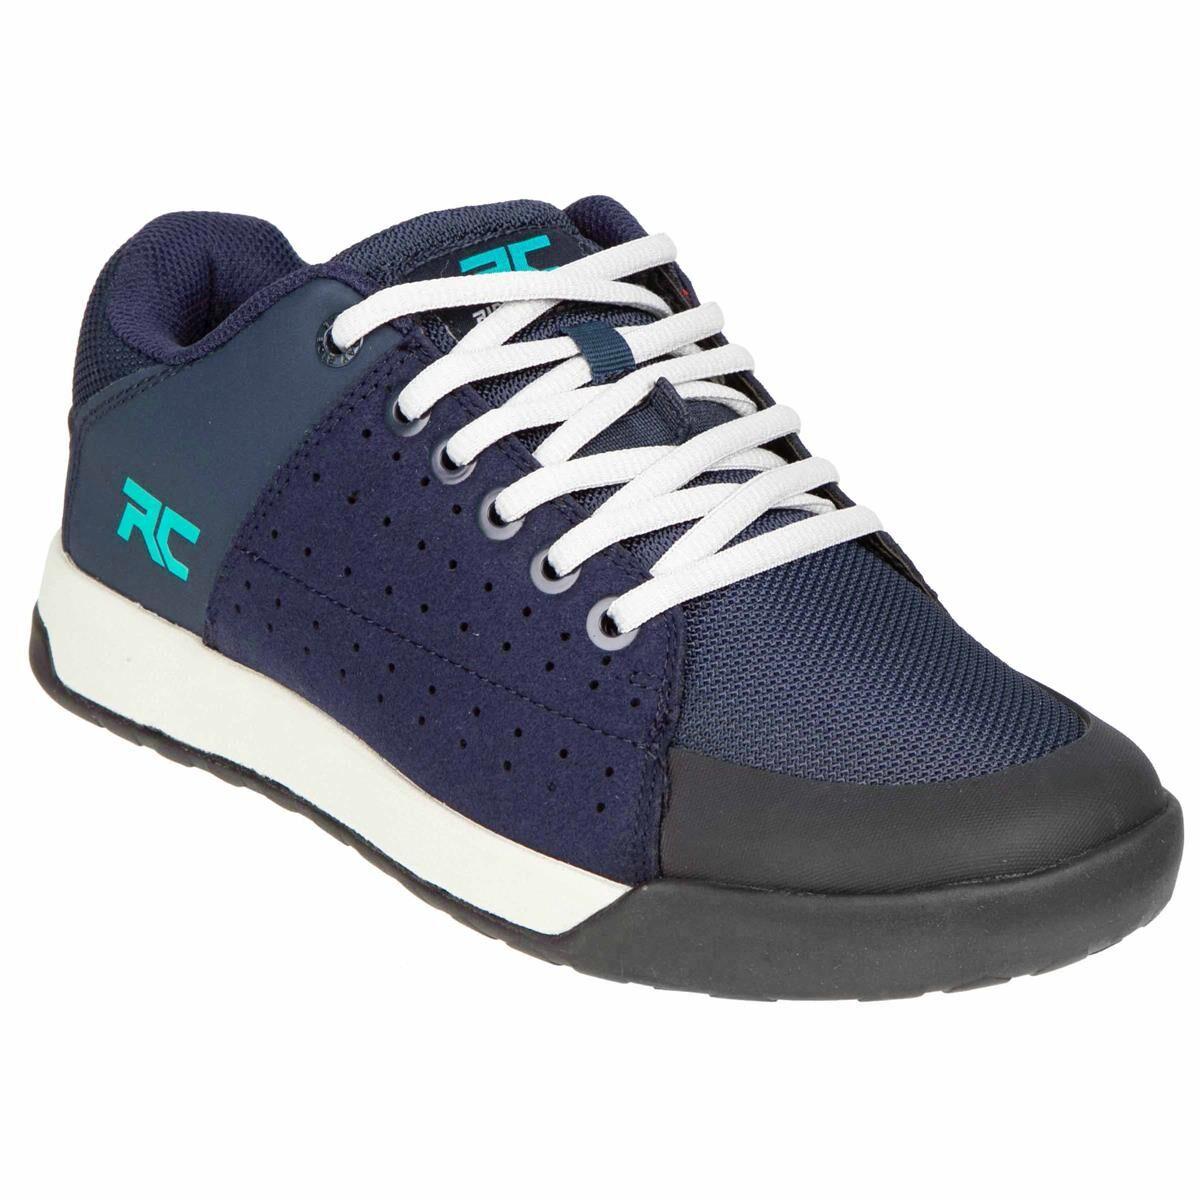 ride concepts donna scarpe mtb livewire